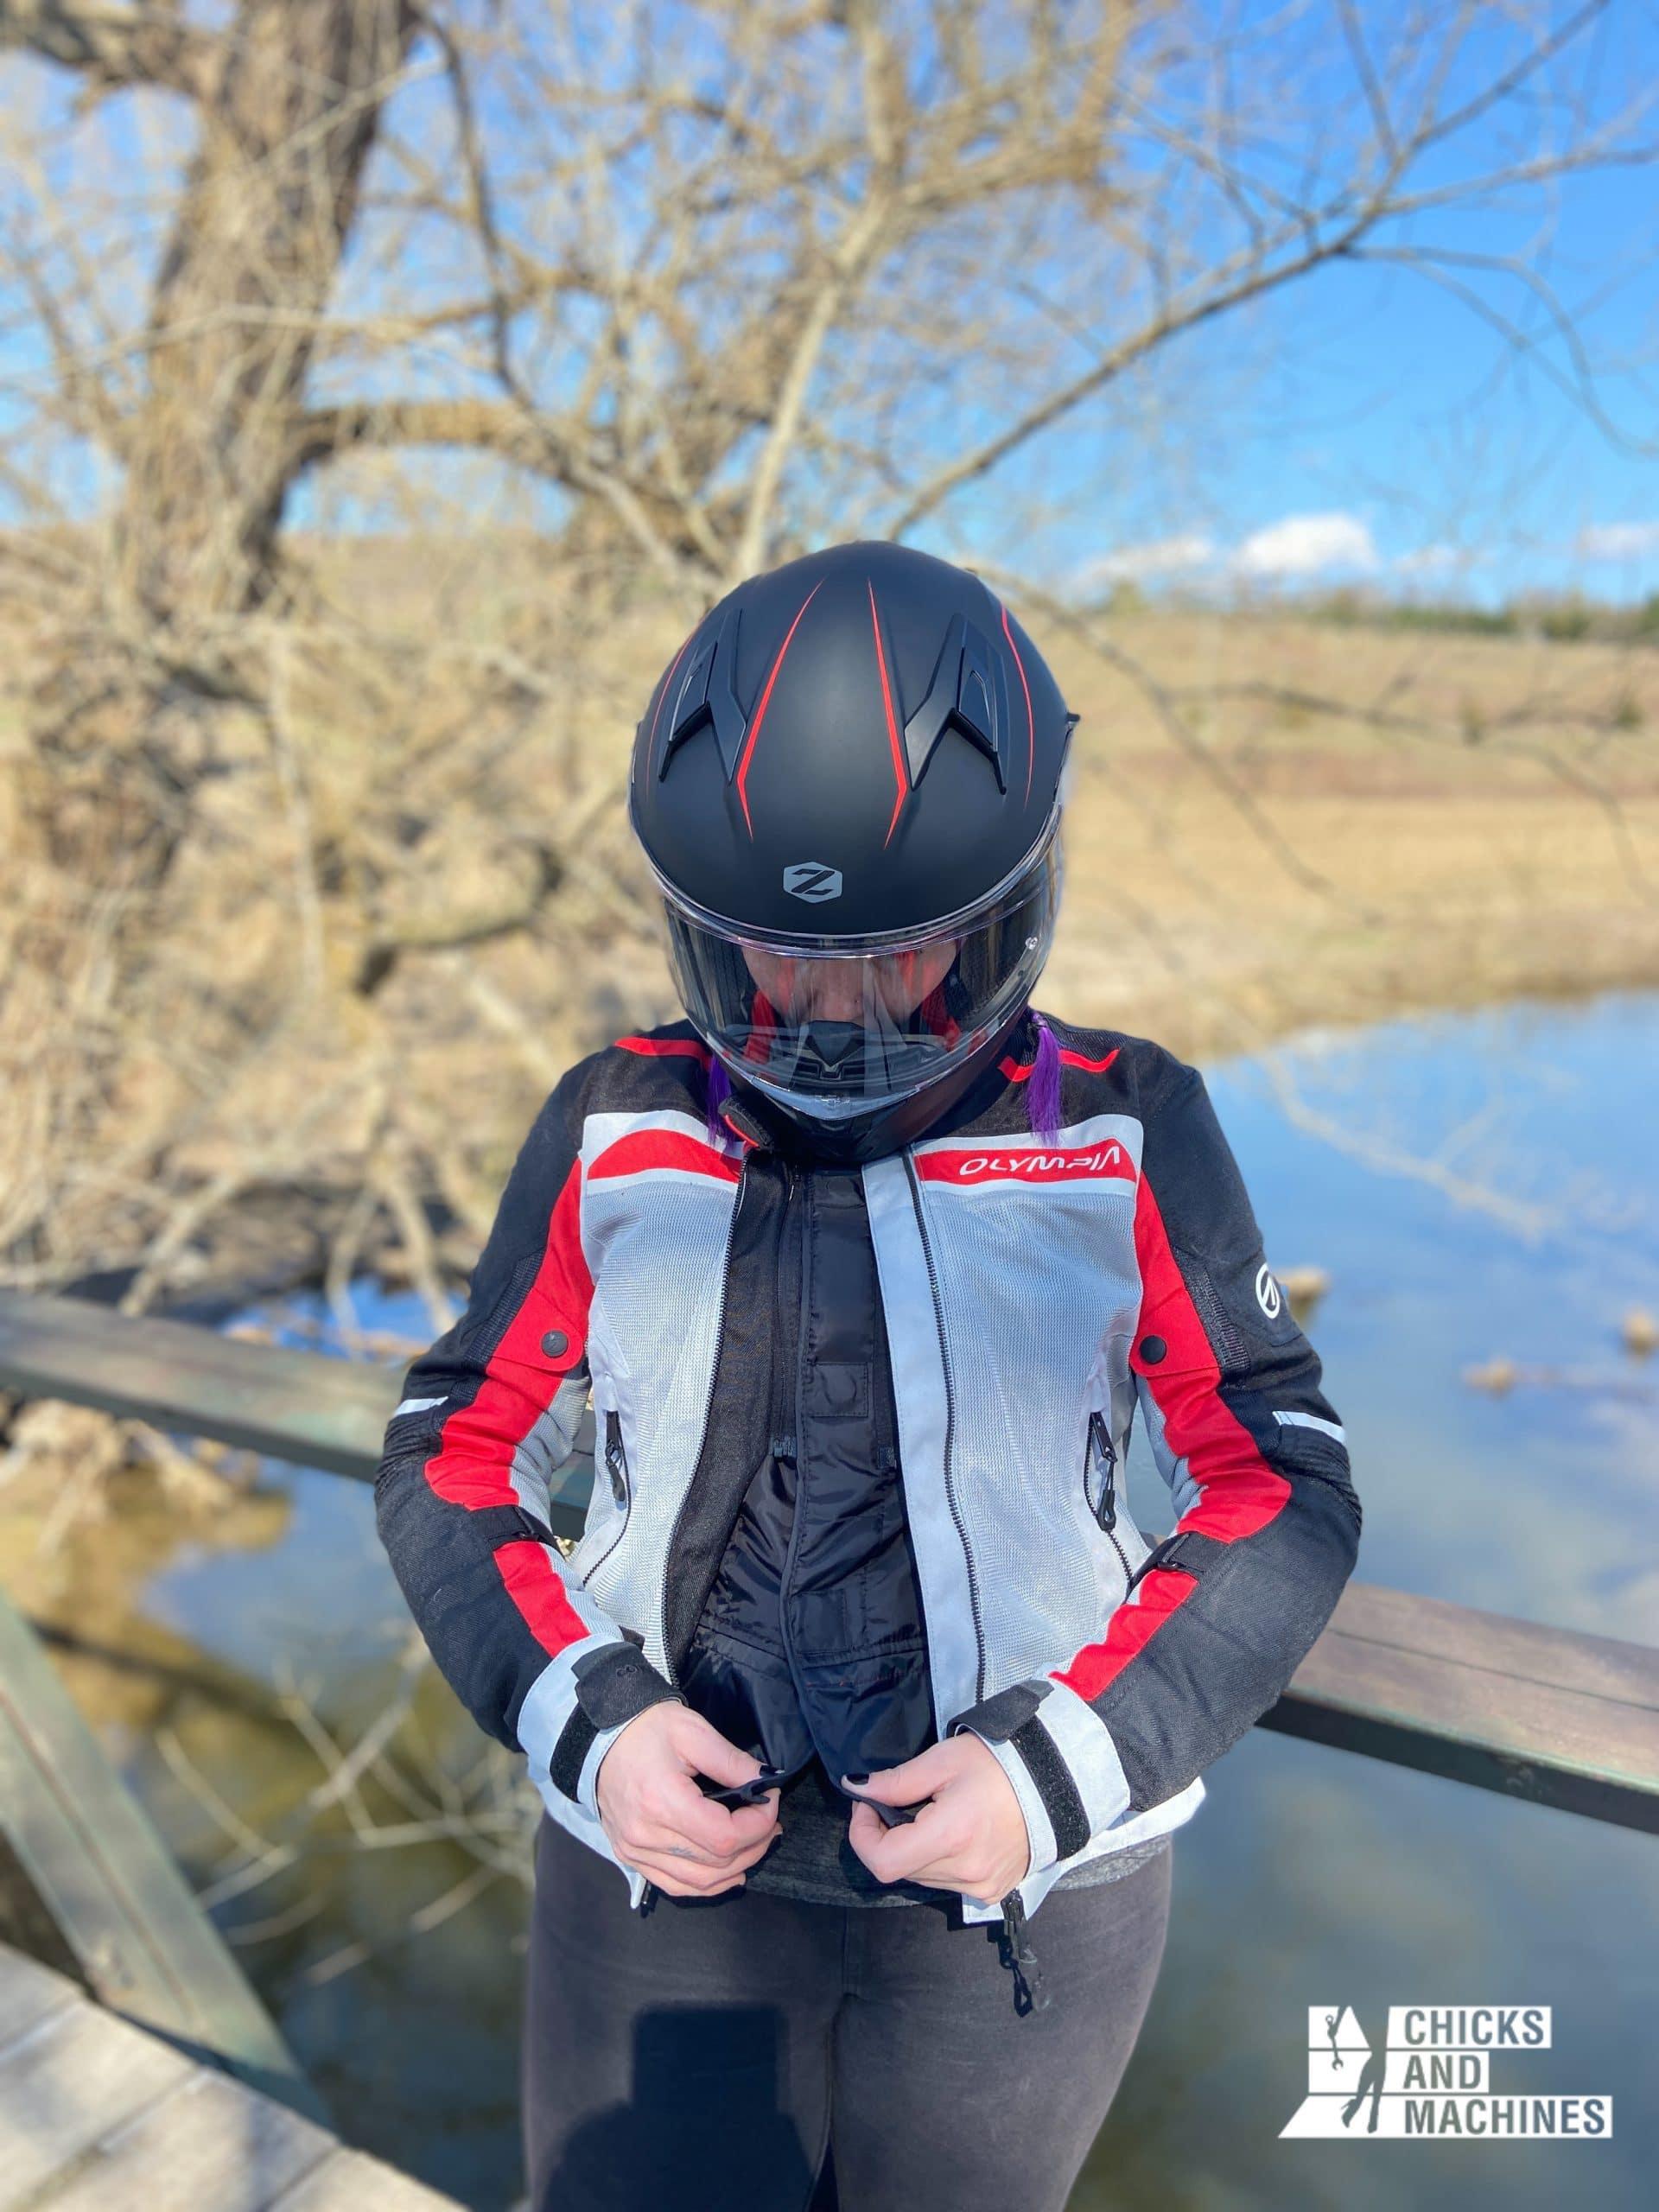 Le joli manteau de moto Airglide 6 de Olympia épouse bien la silhouette